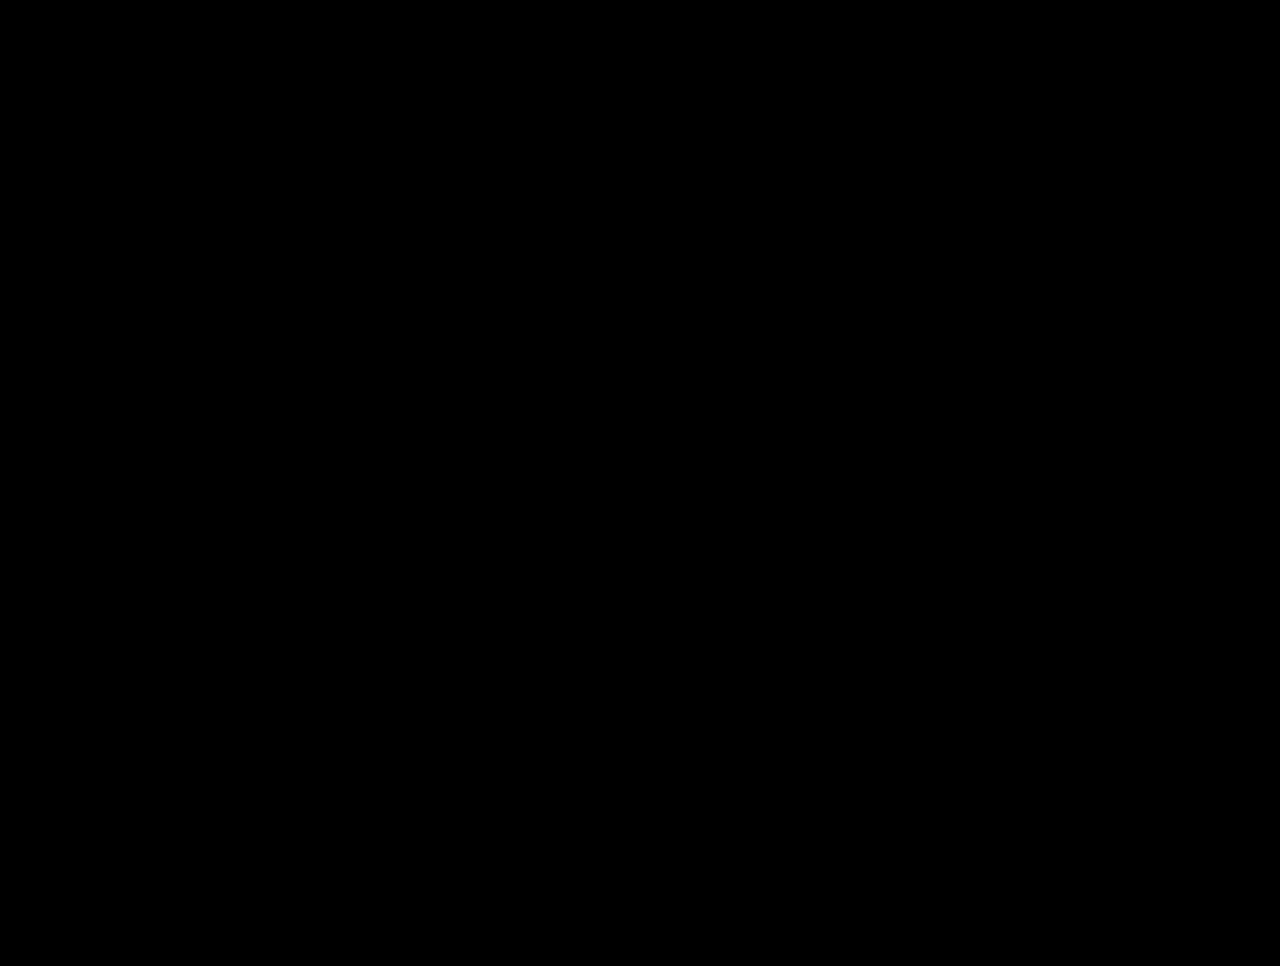 Festival clipart logo design. Studio pencil and in